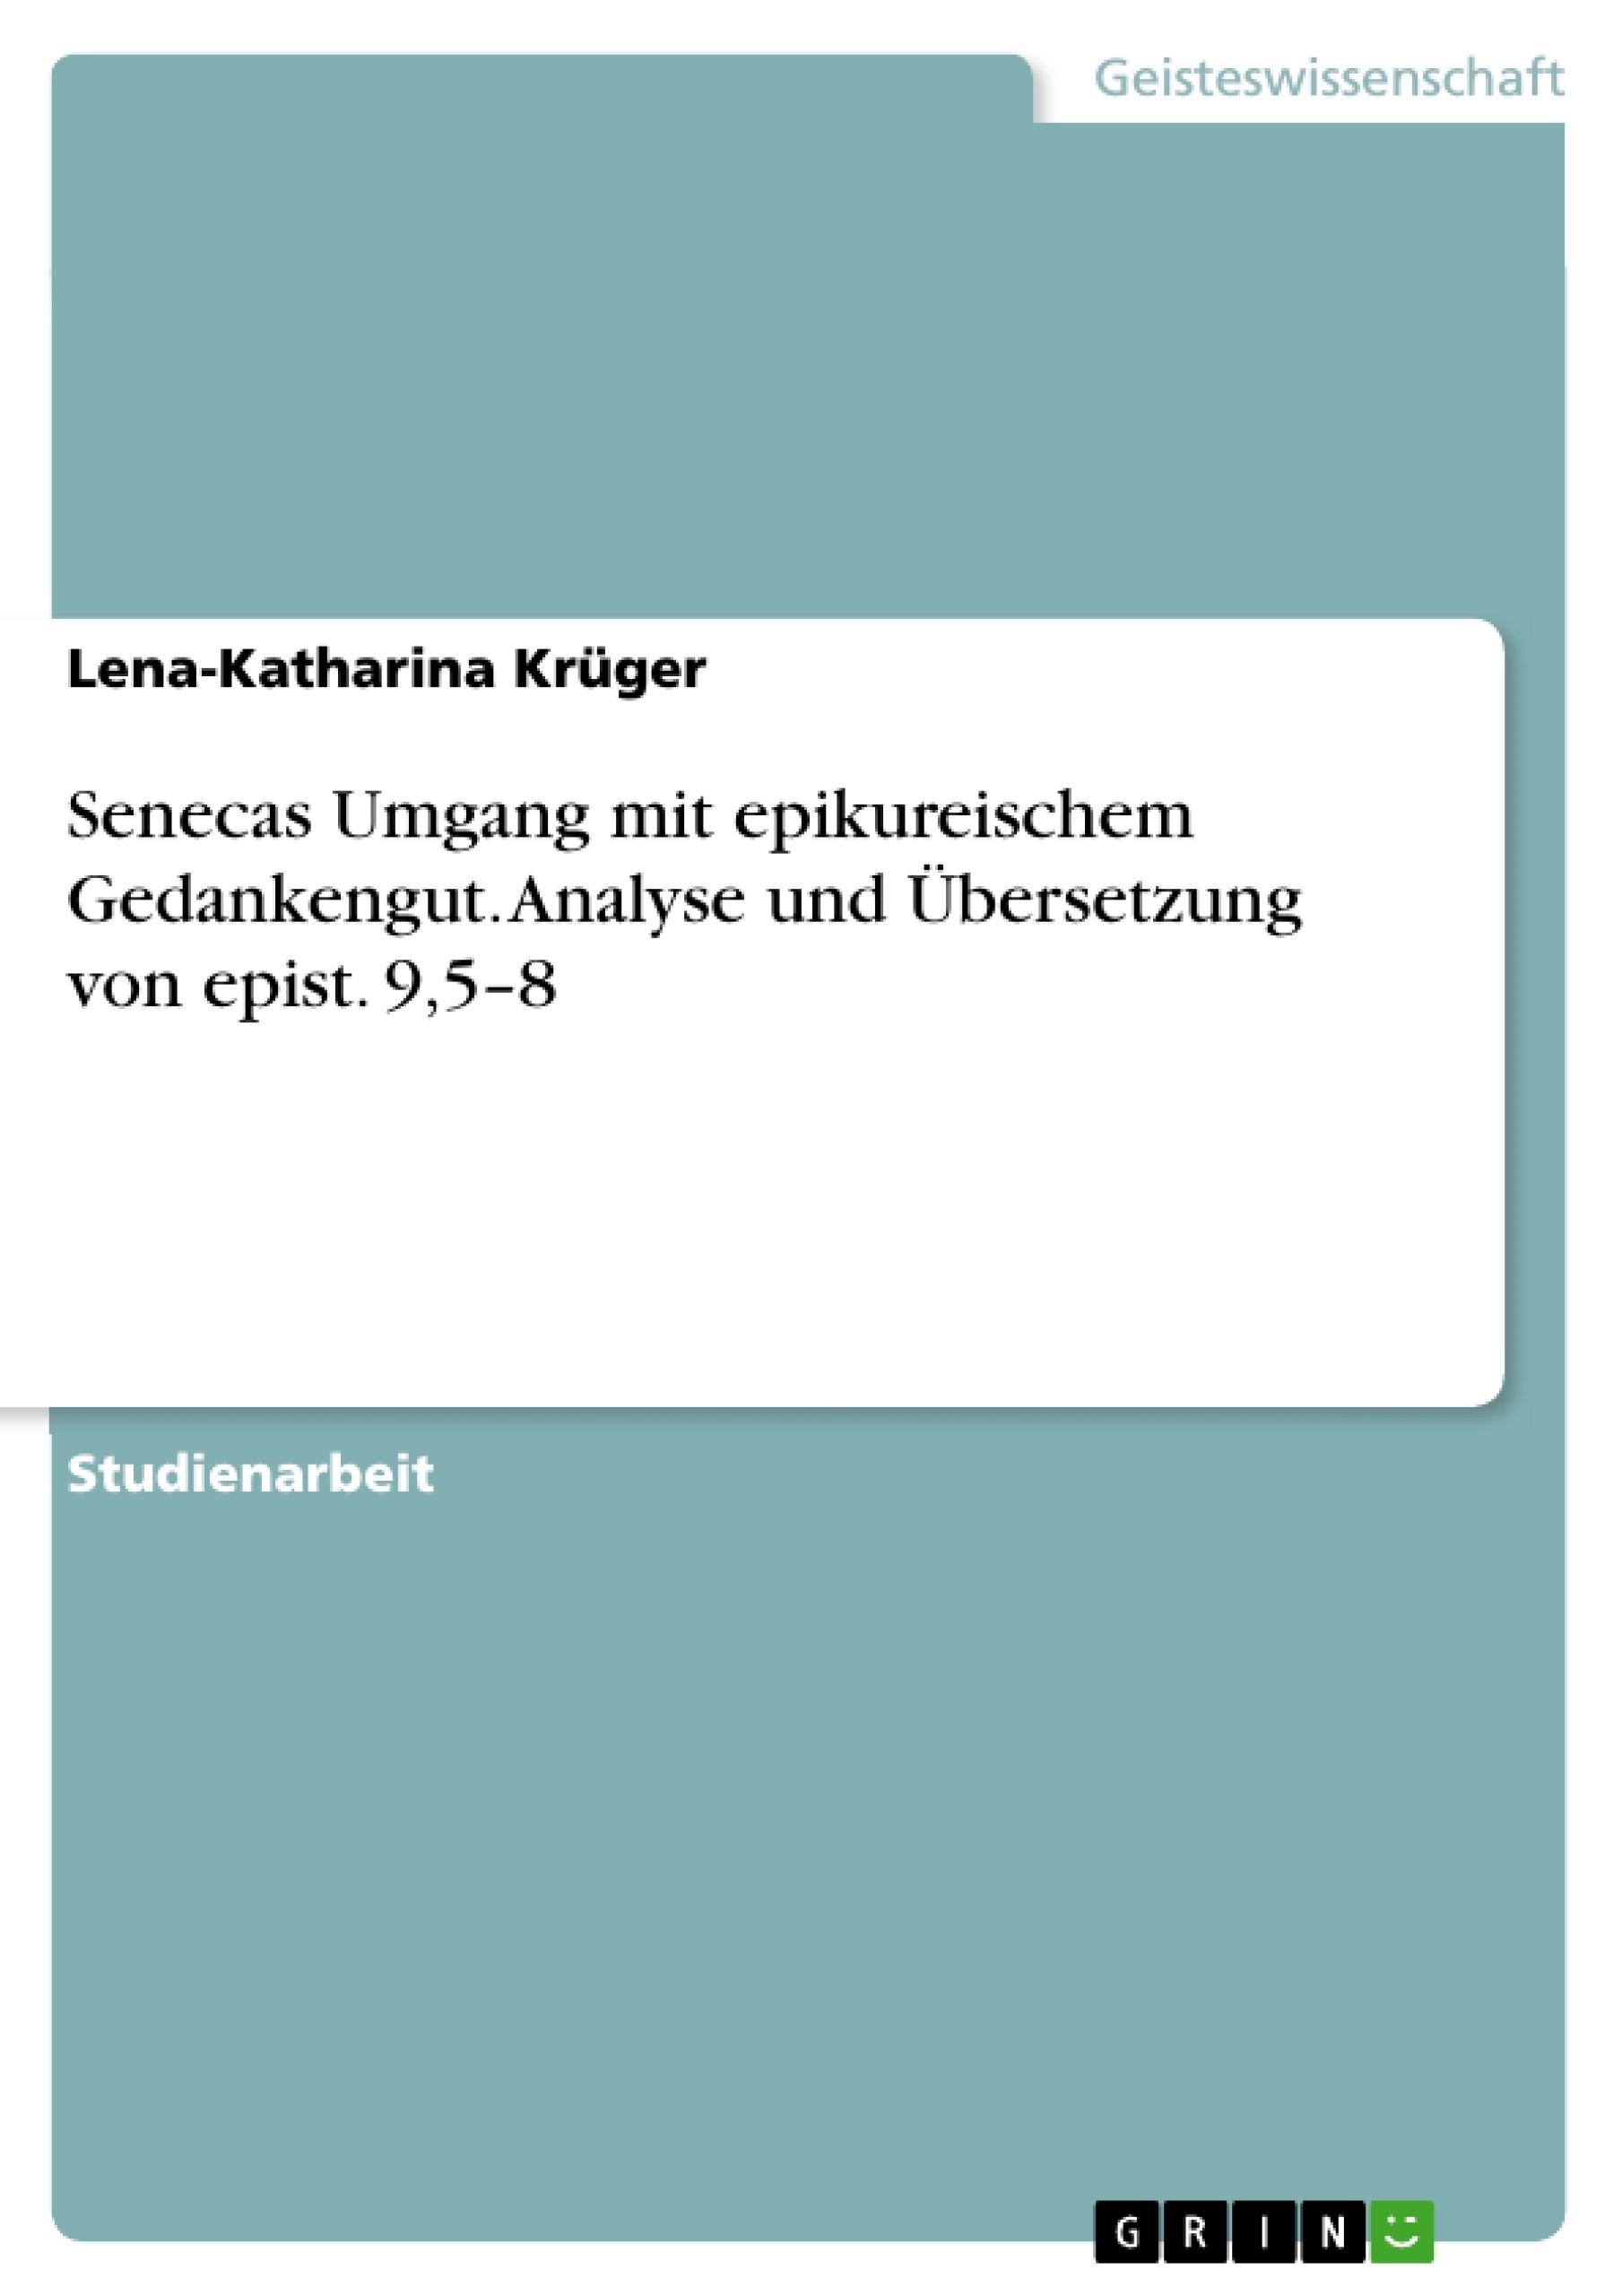 Titel: Senecas Umgang mit epikureischem Gedankengut. Analyse und Übersetzung von epist. 9,5–8